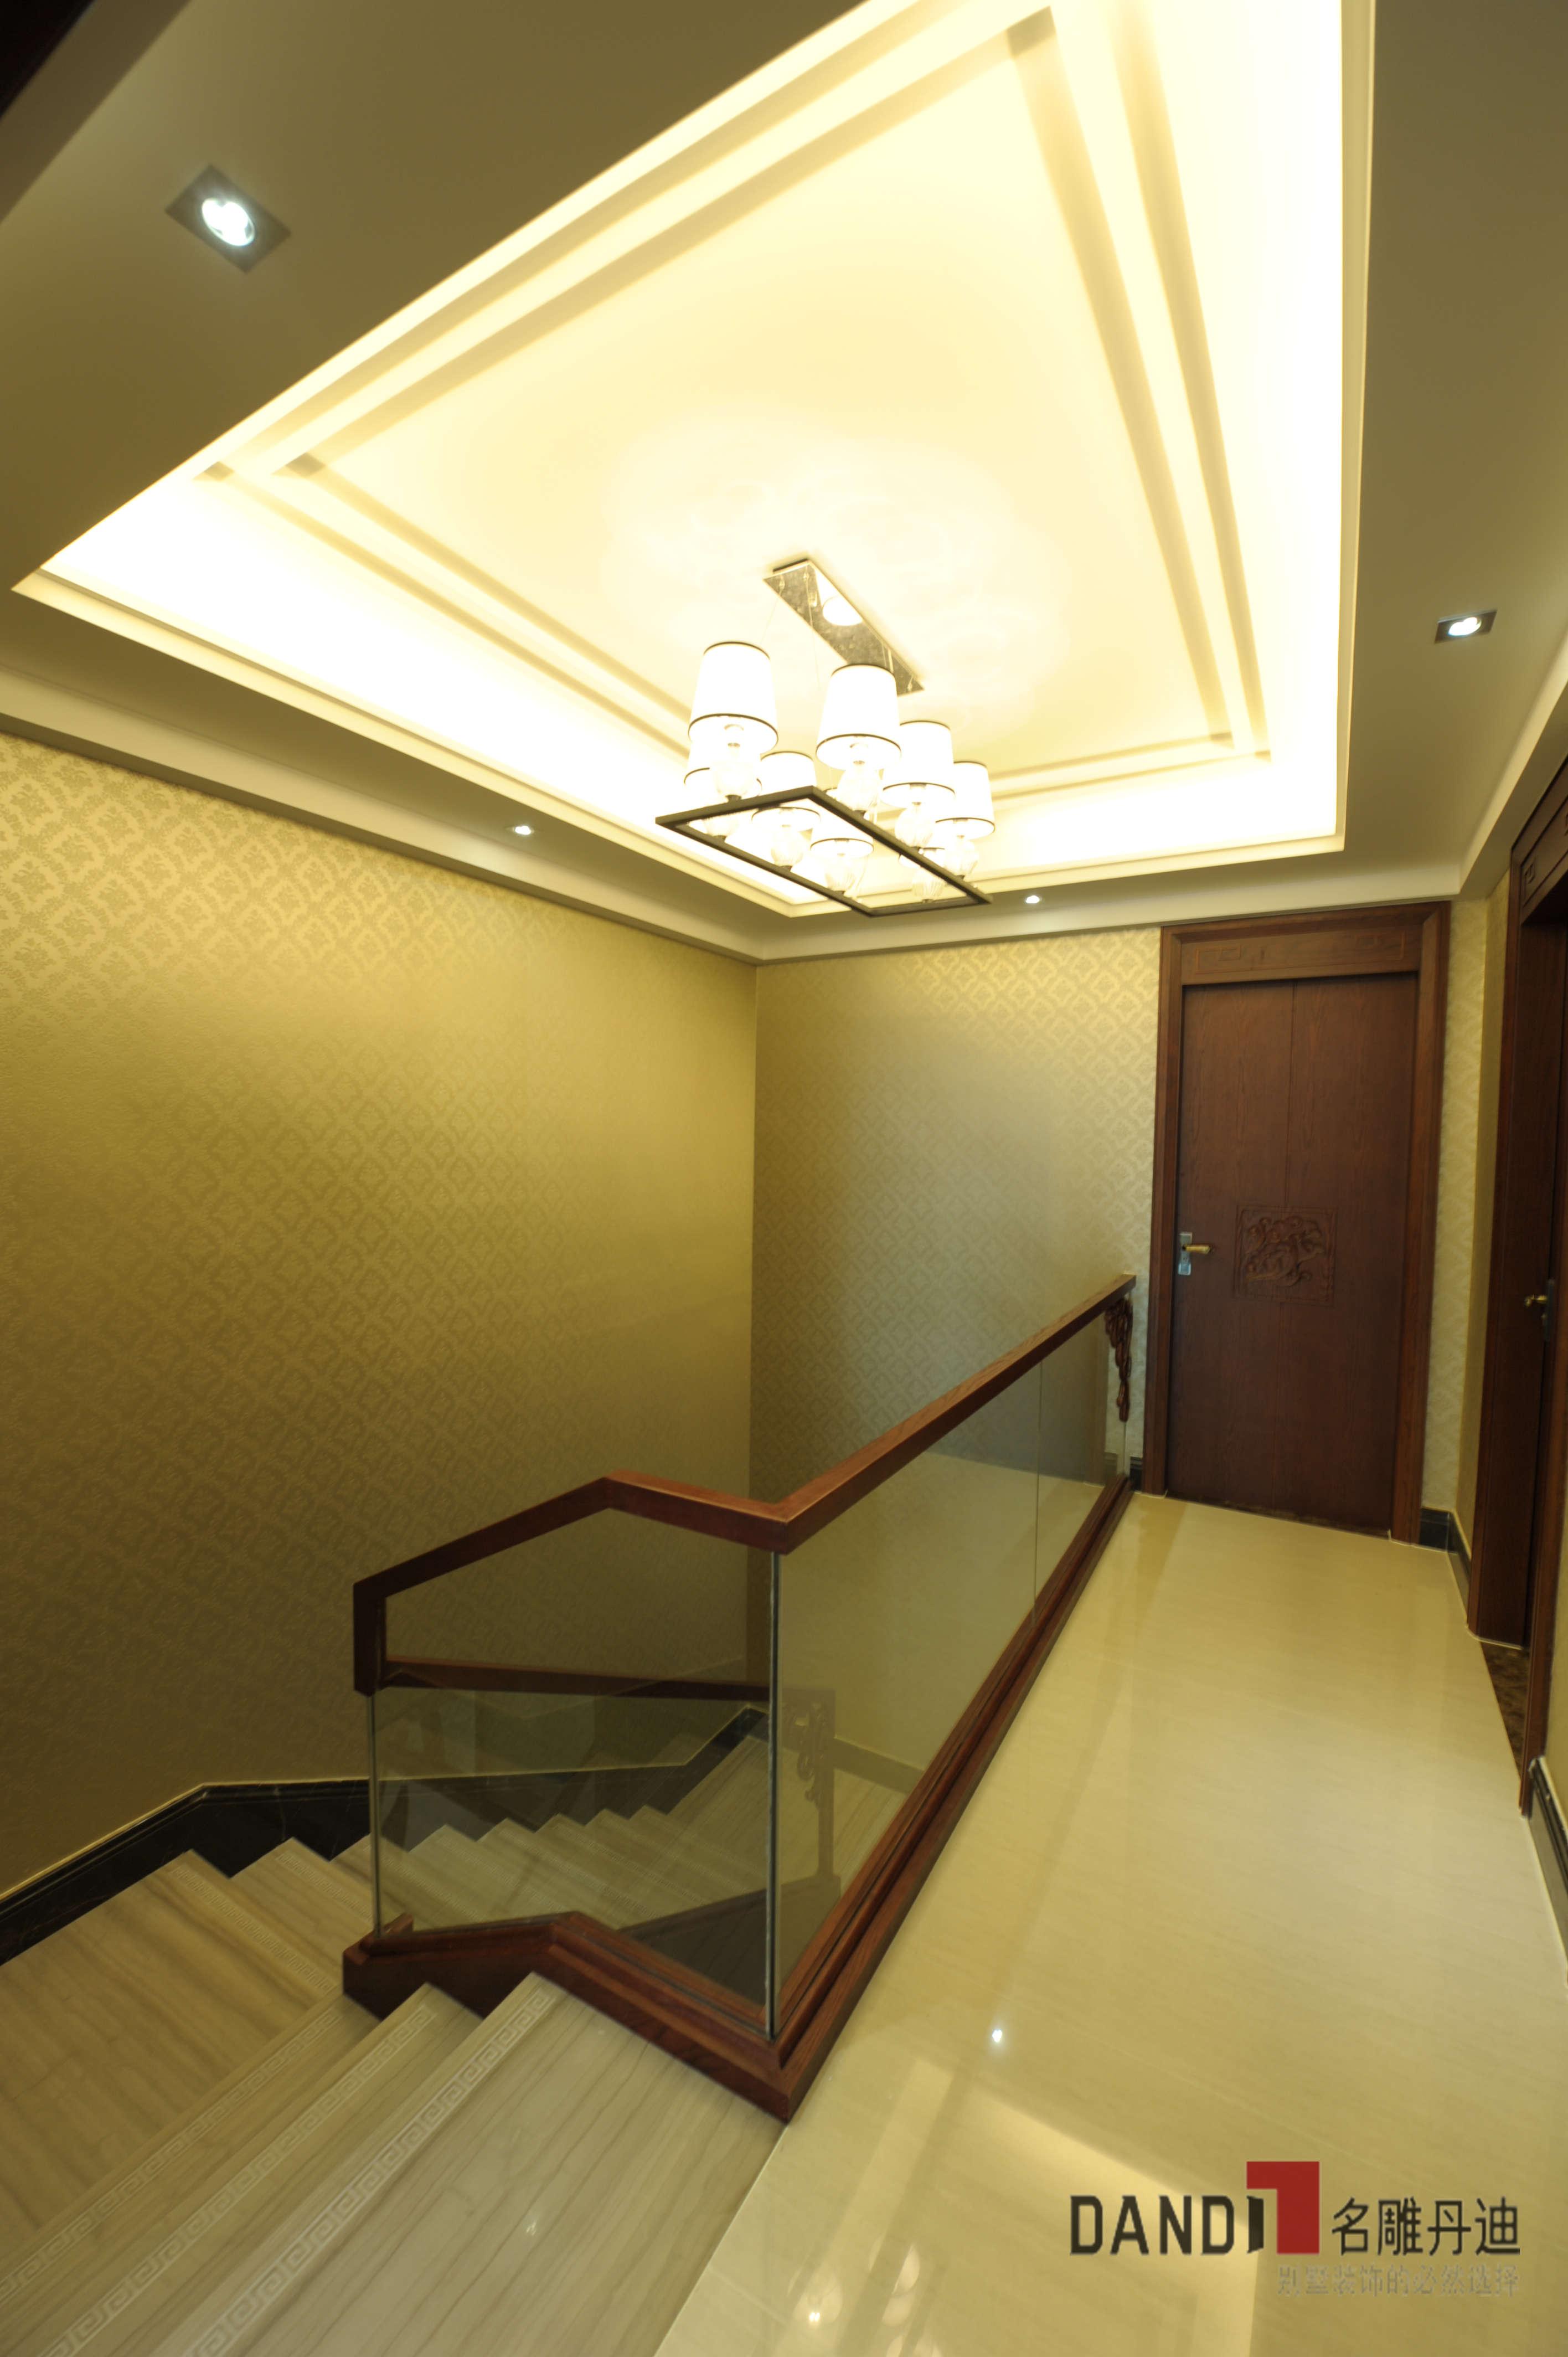 中式别墅 别墅 新中式风格 中式 高富帅 文艺范 别墅装饰 公园大地 楼梯 楼梯图片来自名雕丹迪在公园大地250平新中式儒雅之家的分享